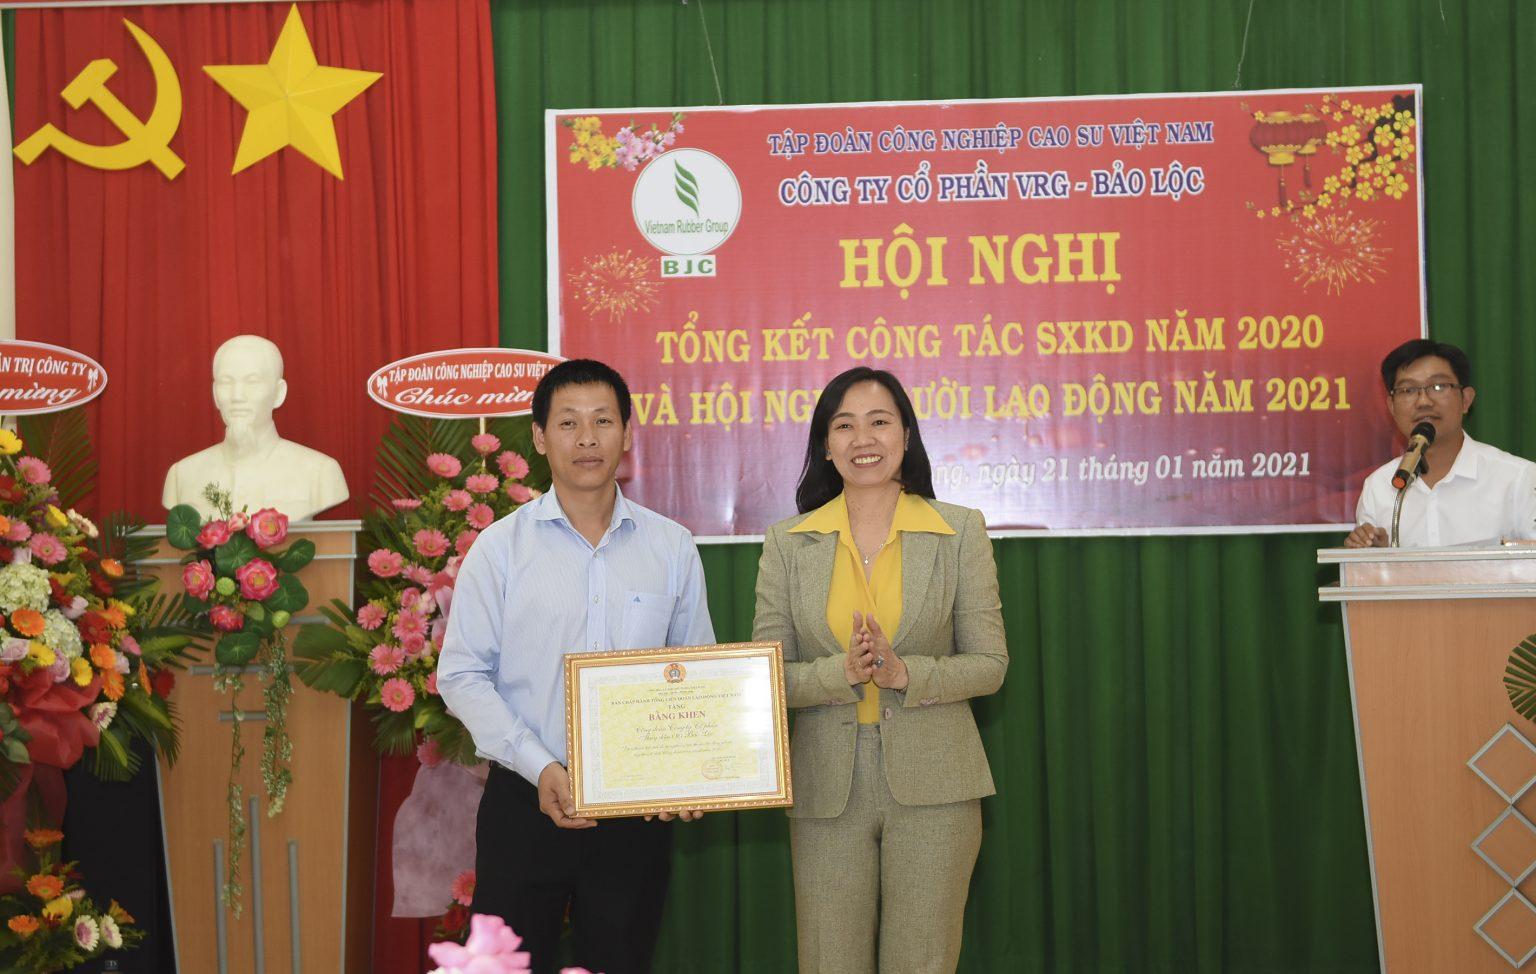 VRG Bảo Lộc – Thu nhập bình quân trên 20 triệu đồng